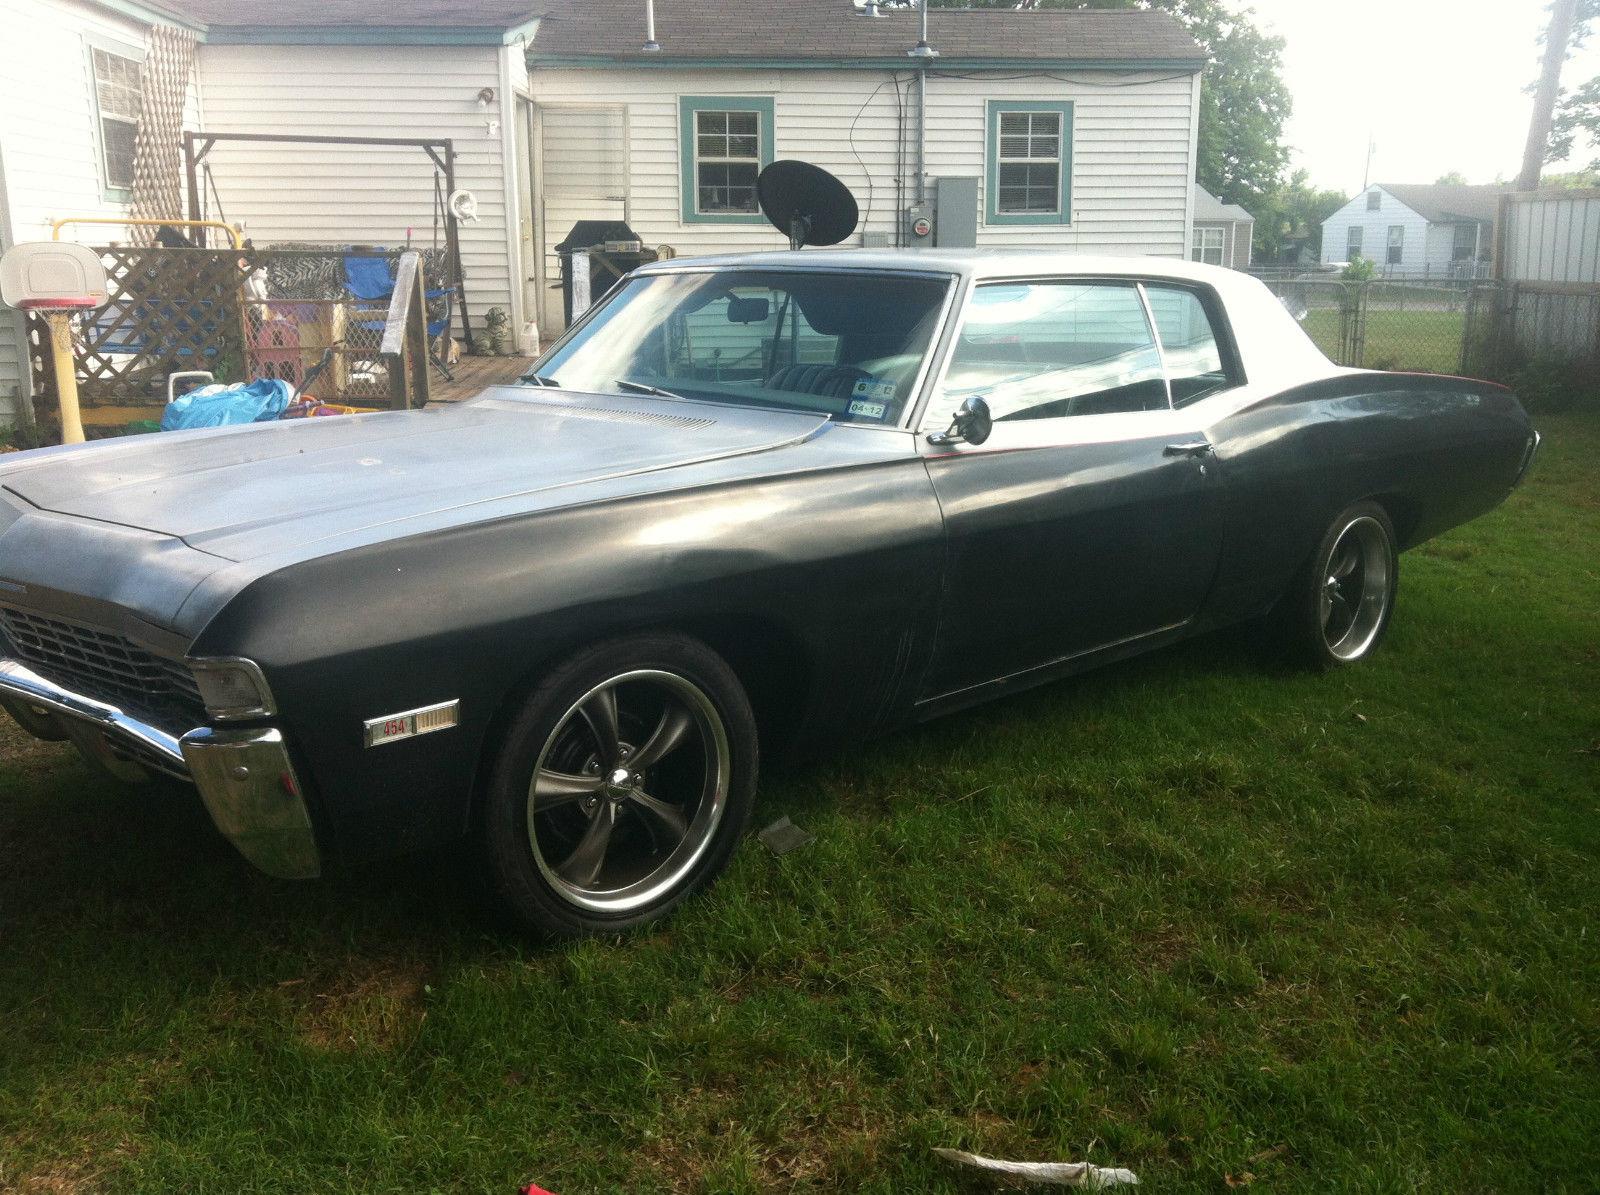 Classic 1968 Chevrolet Caprice Rare Hide Away Headlights 454 Big 2 Door Block 495 Hp